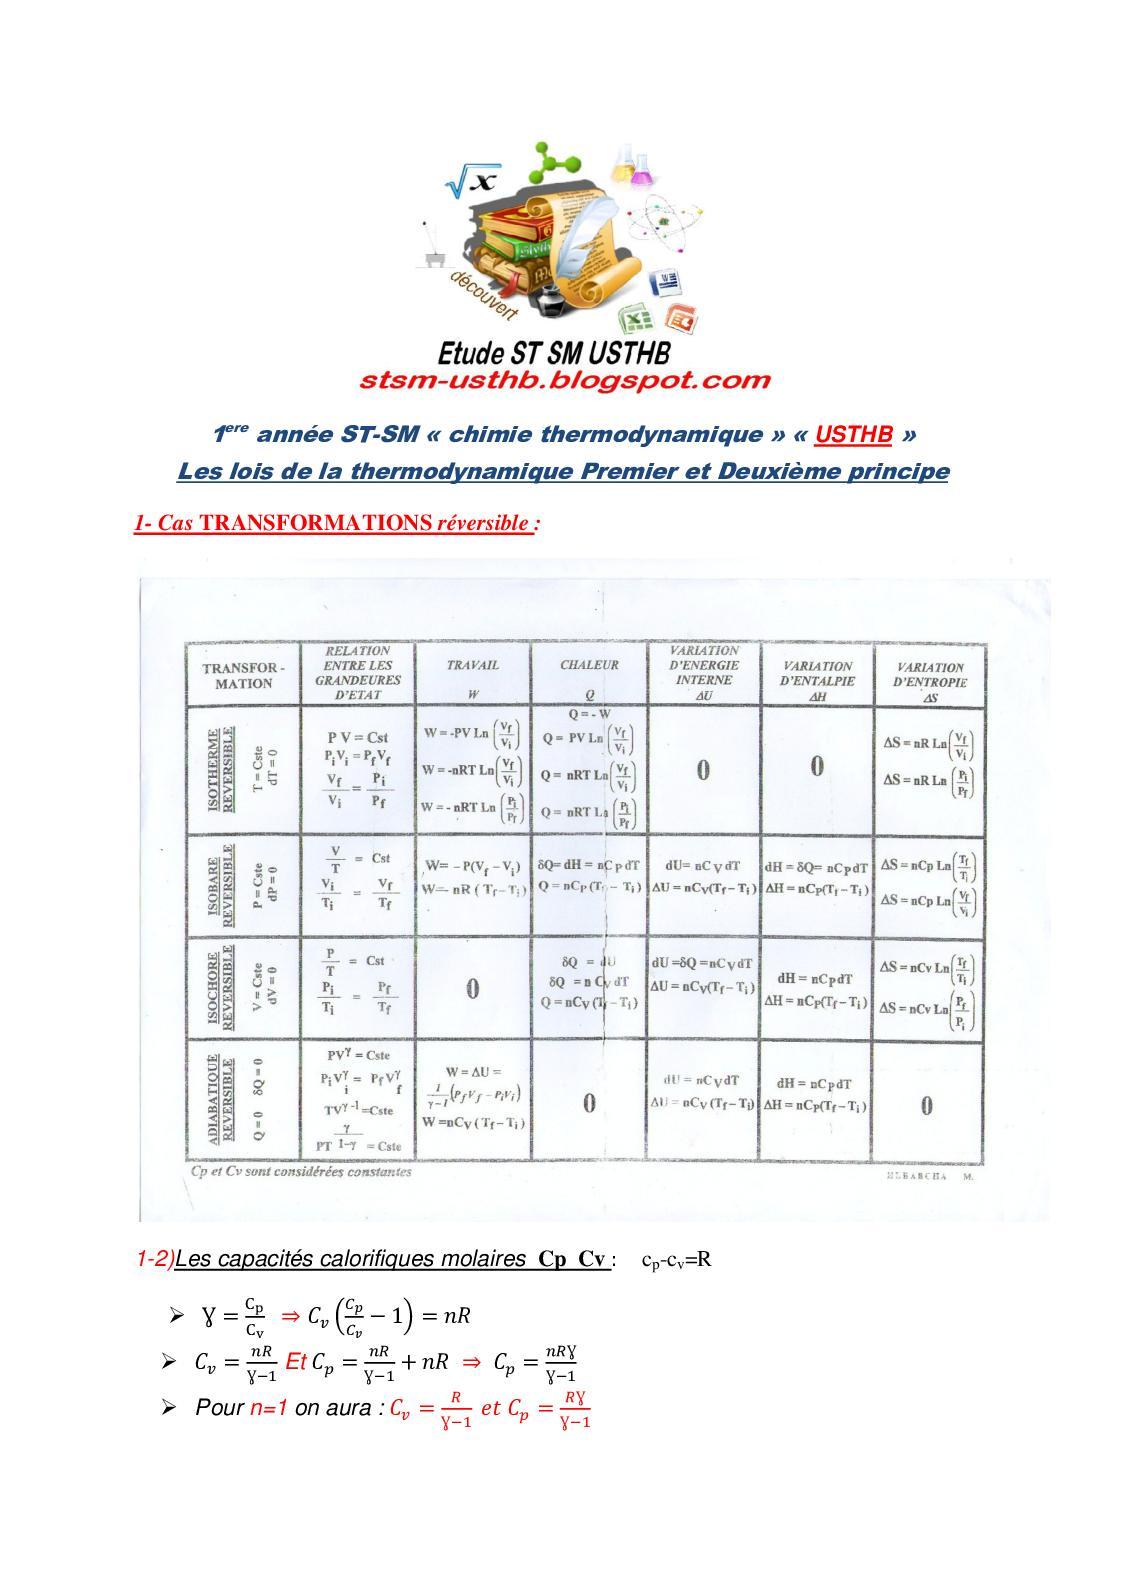 Les Lois De La Thermodynamique Premier Et Deuxième Principe(résumés)